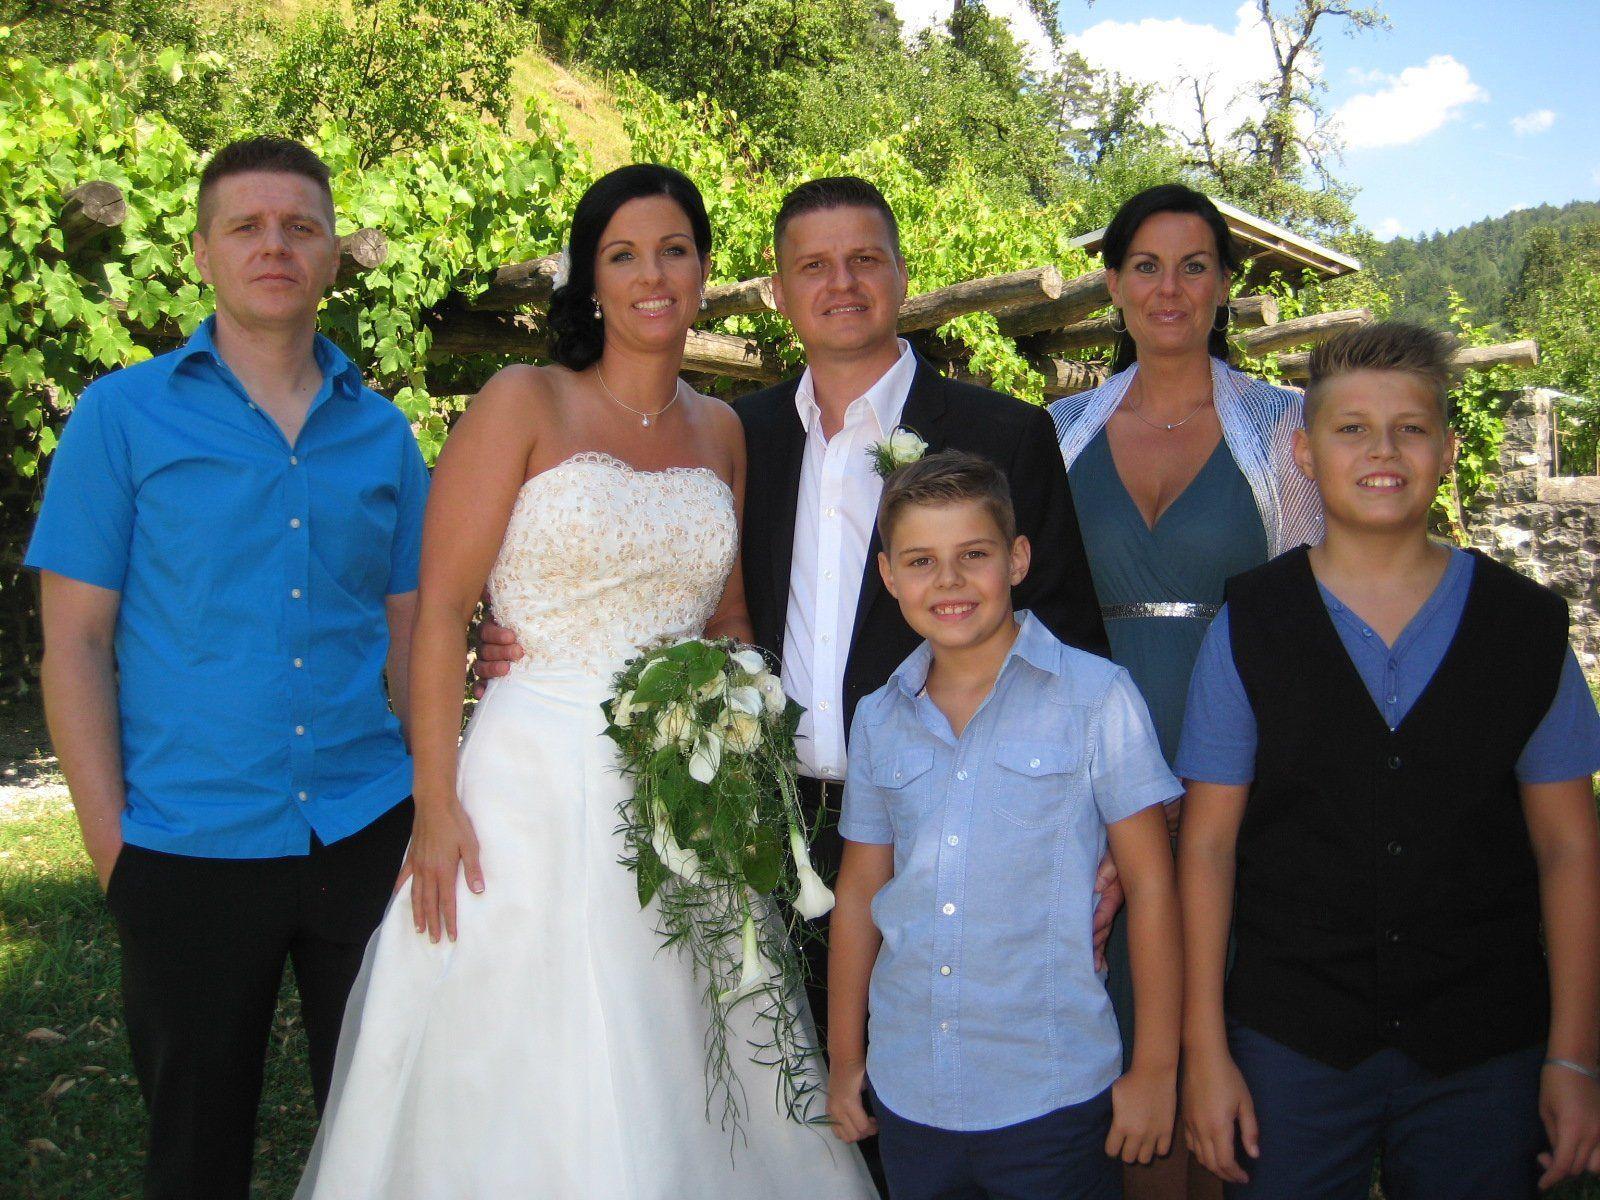 Christiane Ilg und Robert Kranjec haben geheiratet.